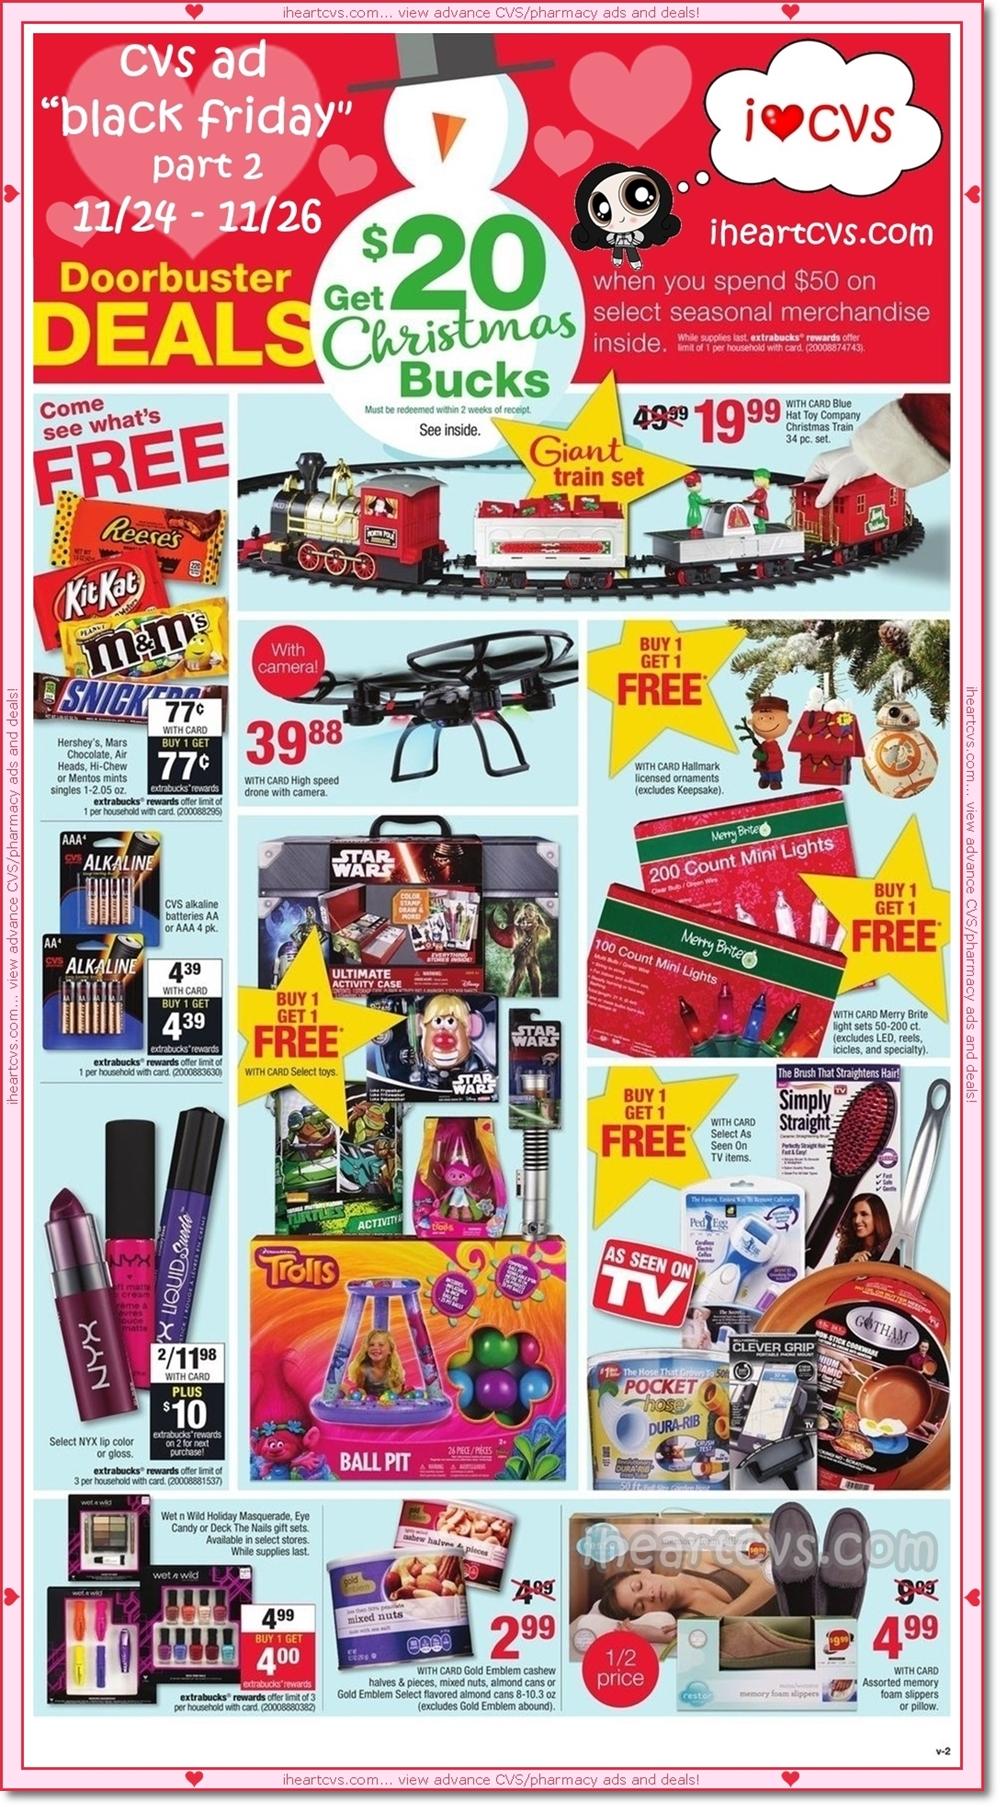 I Heart Cvs Ads 11 24 11 26 Black Friday Part 2 Exp 11/28/20 at 11:59 pm et. i heart cvs ads 11 24 11 26 black friday part 2